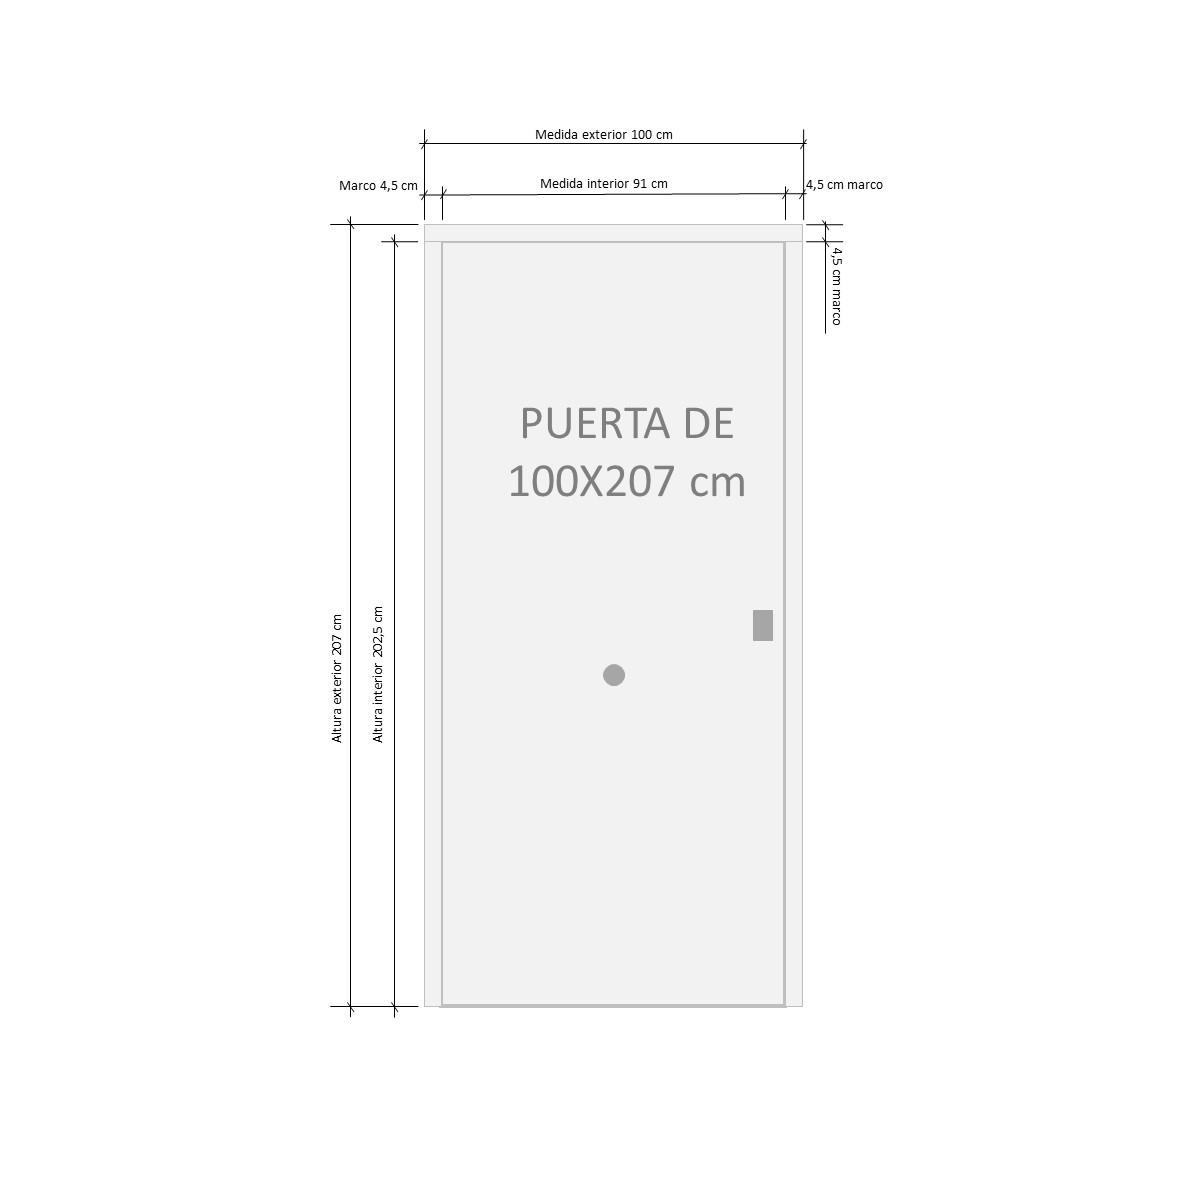 Puerta acorazada Antique con ventana Cearco Puertas acorazadas Serie B4-BL